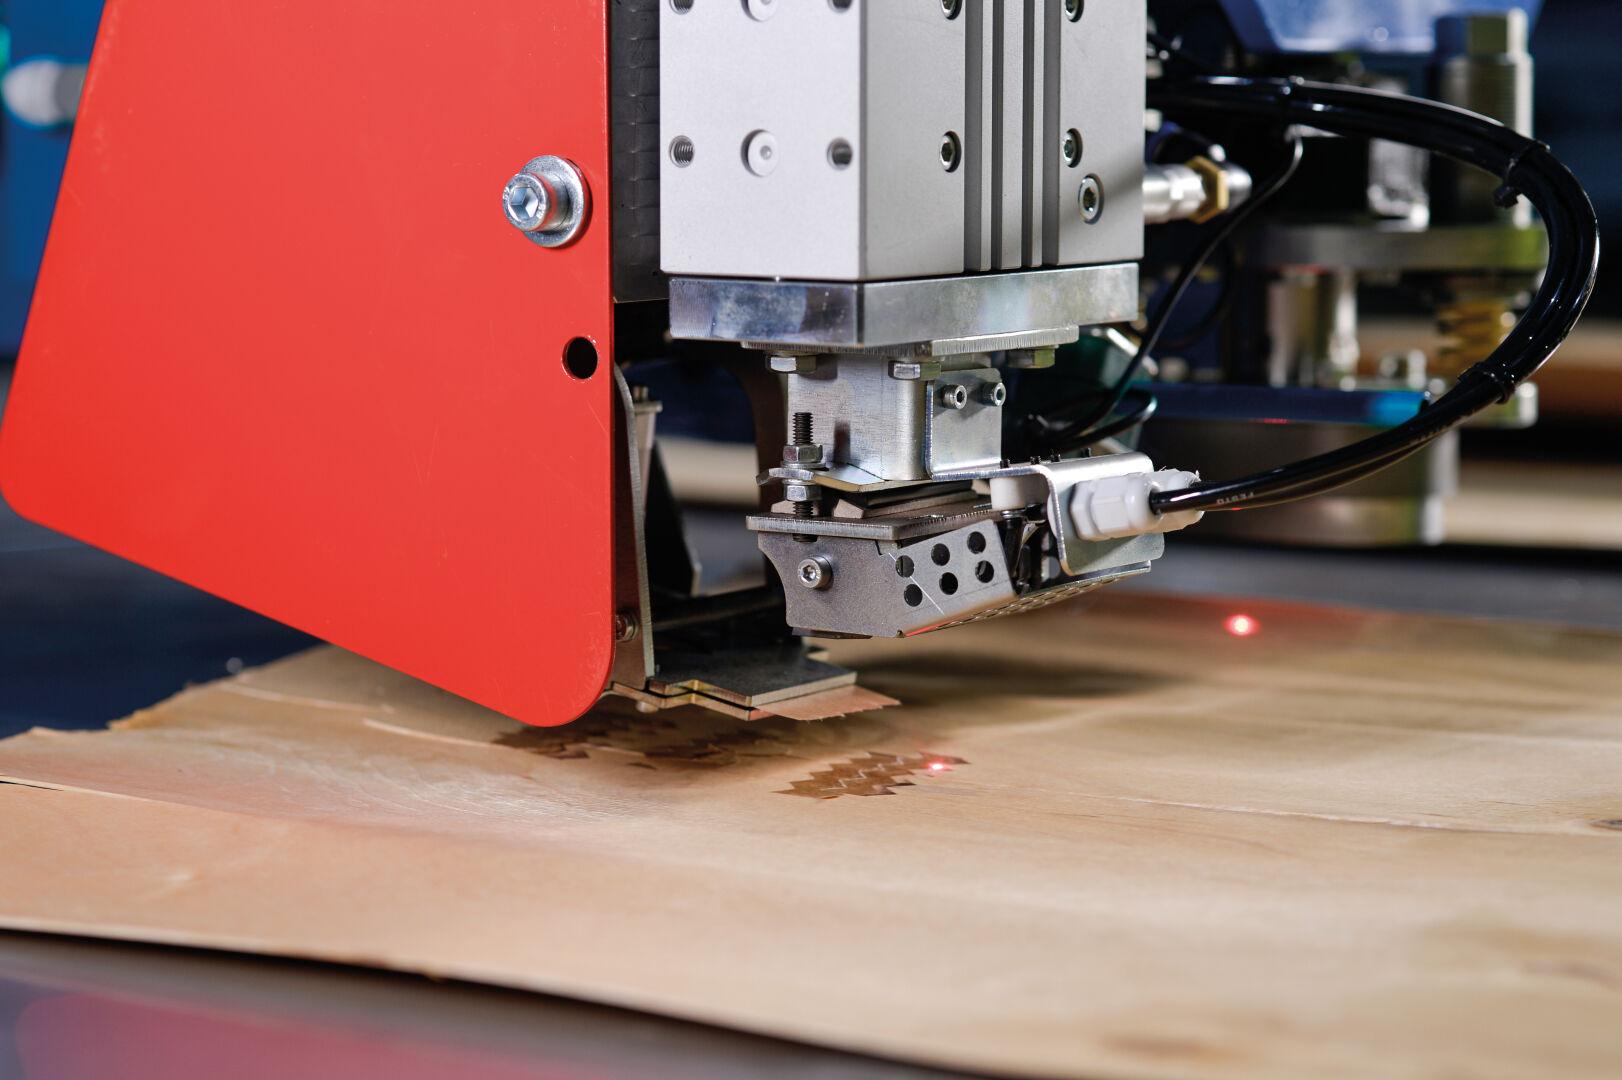 使用集成的热粘胶带选项,可轻松修复松开的拼接接头和单板边缘的裂缝。